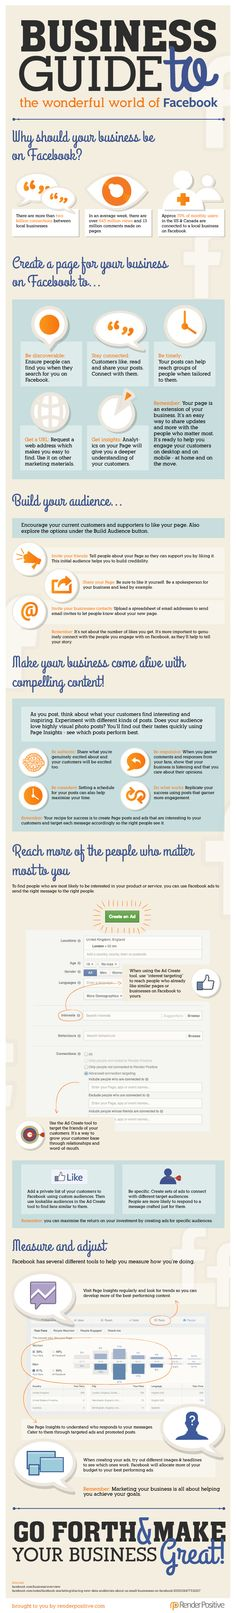 Guía para empresas del maravilloso mundo de FaceBook #infografia #infographic #socialmedia